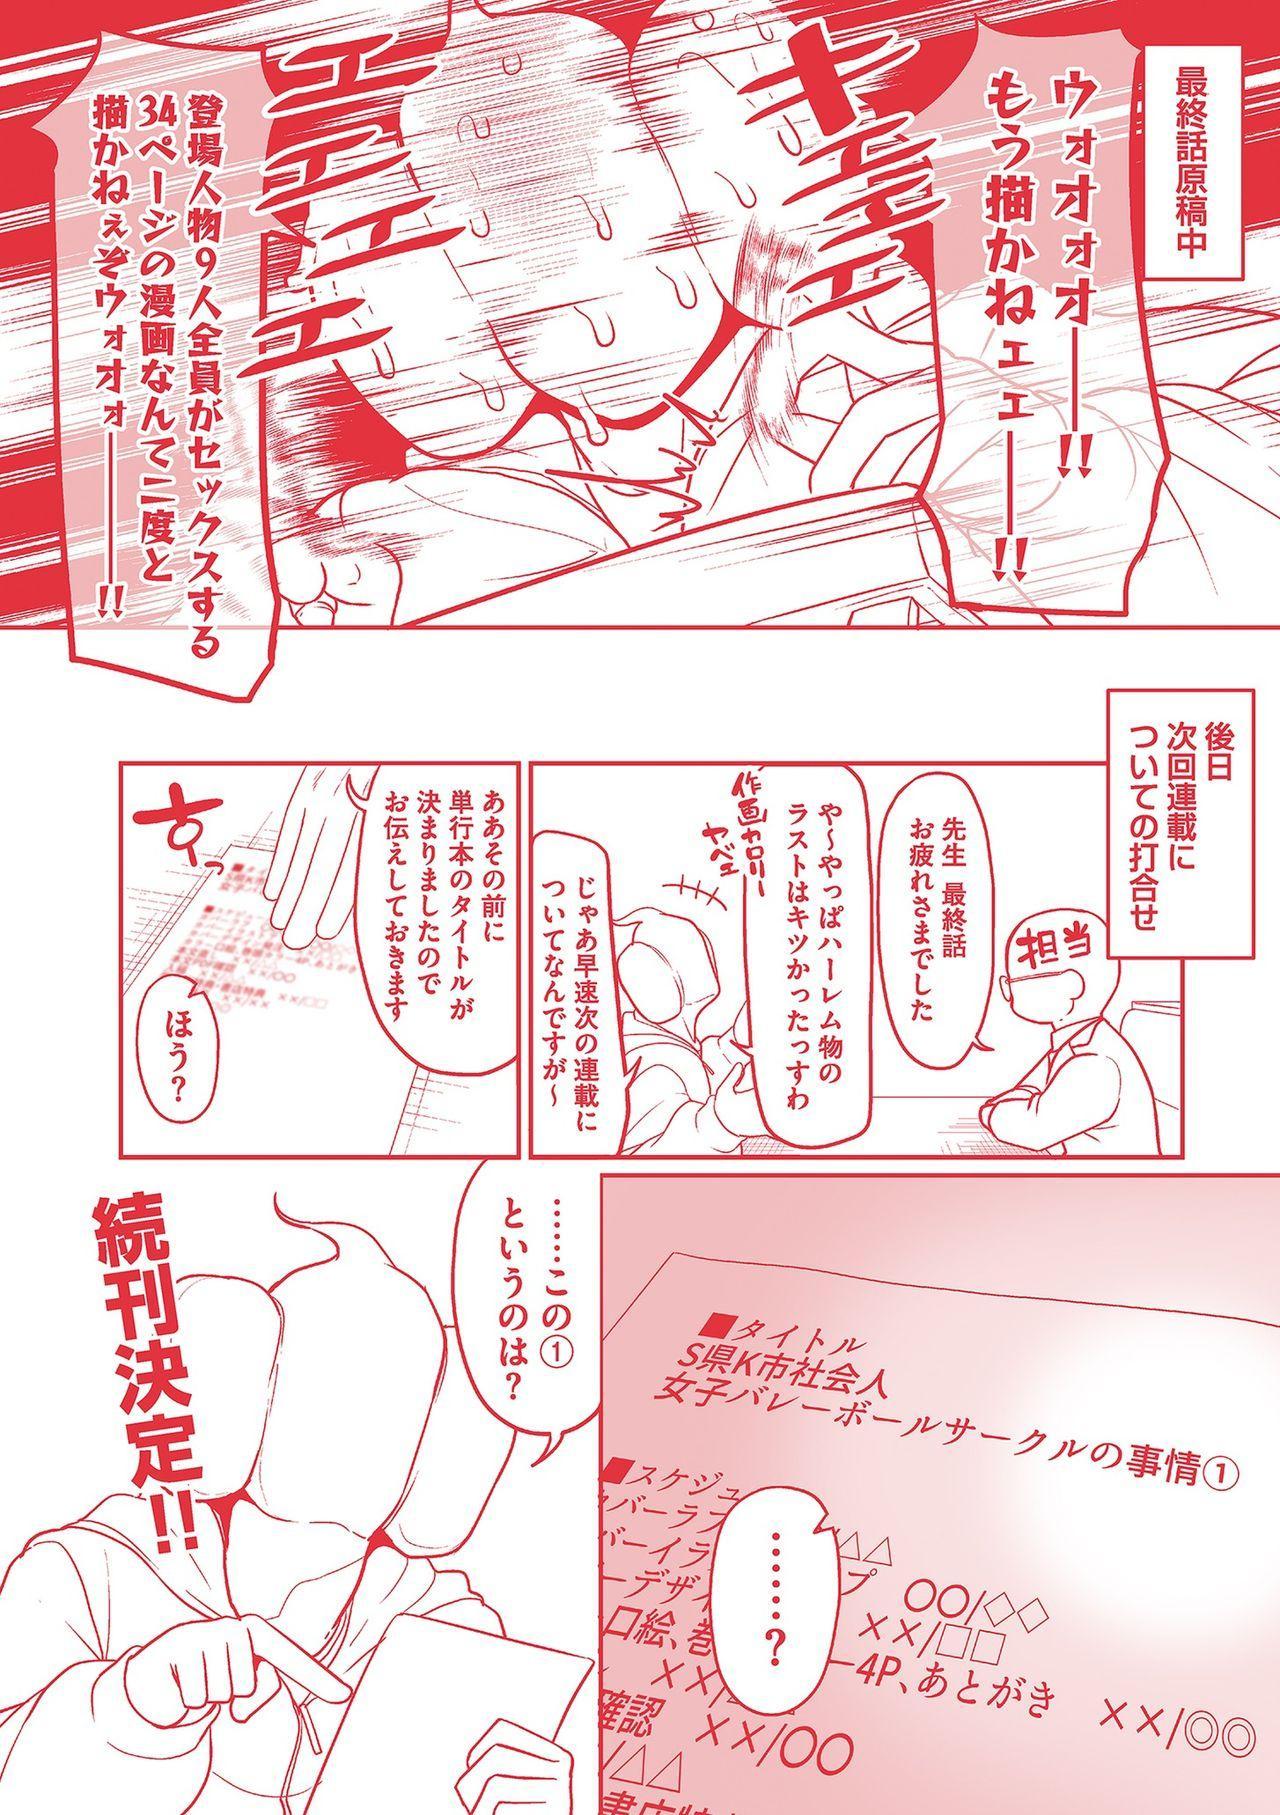 [Yamamoto Zenzen] S-ken K-shi Shakaijin Joshi Volleyball Circle no Jijou [Digital] 226